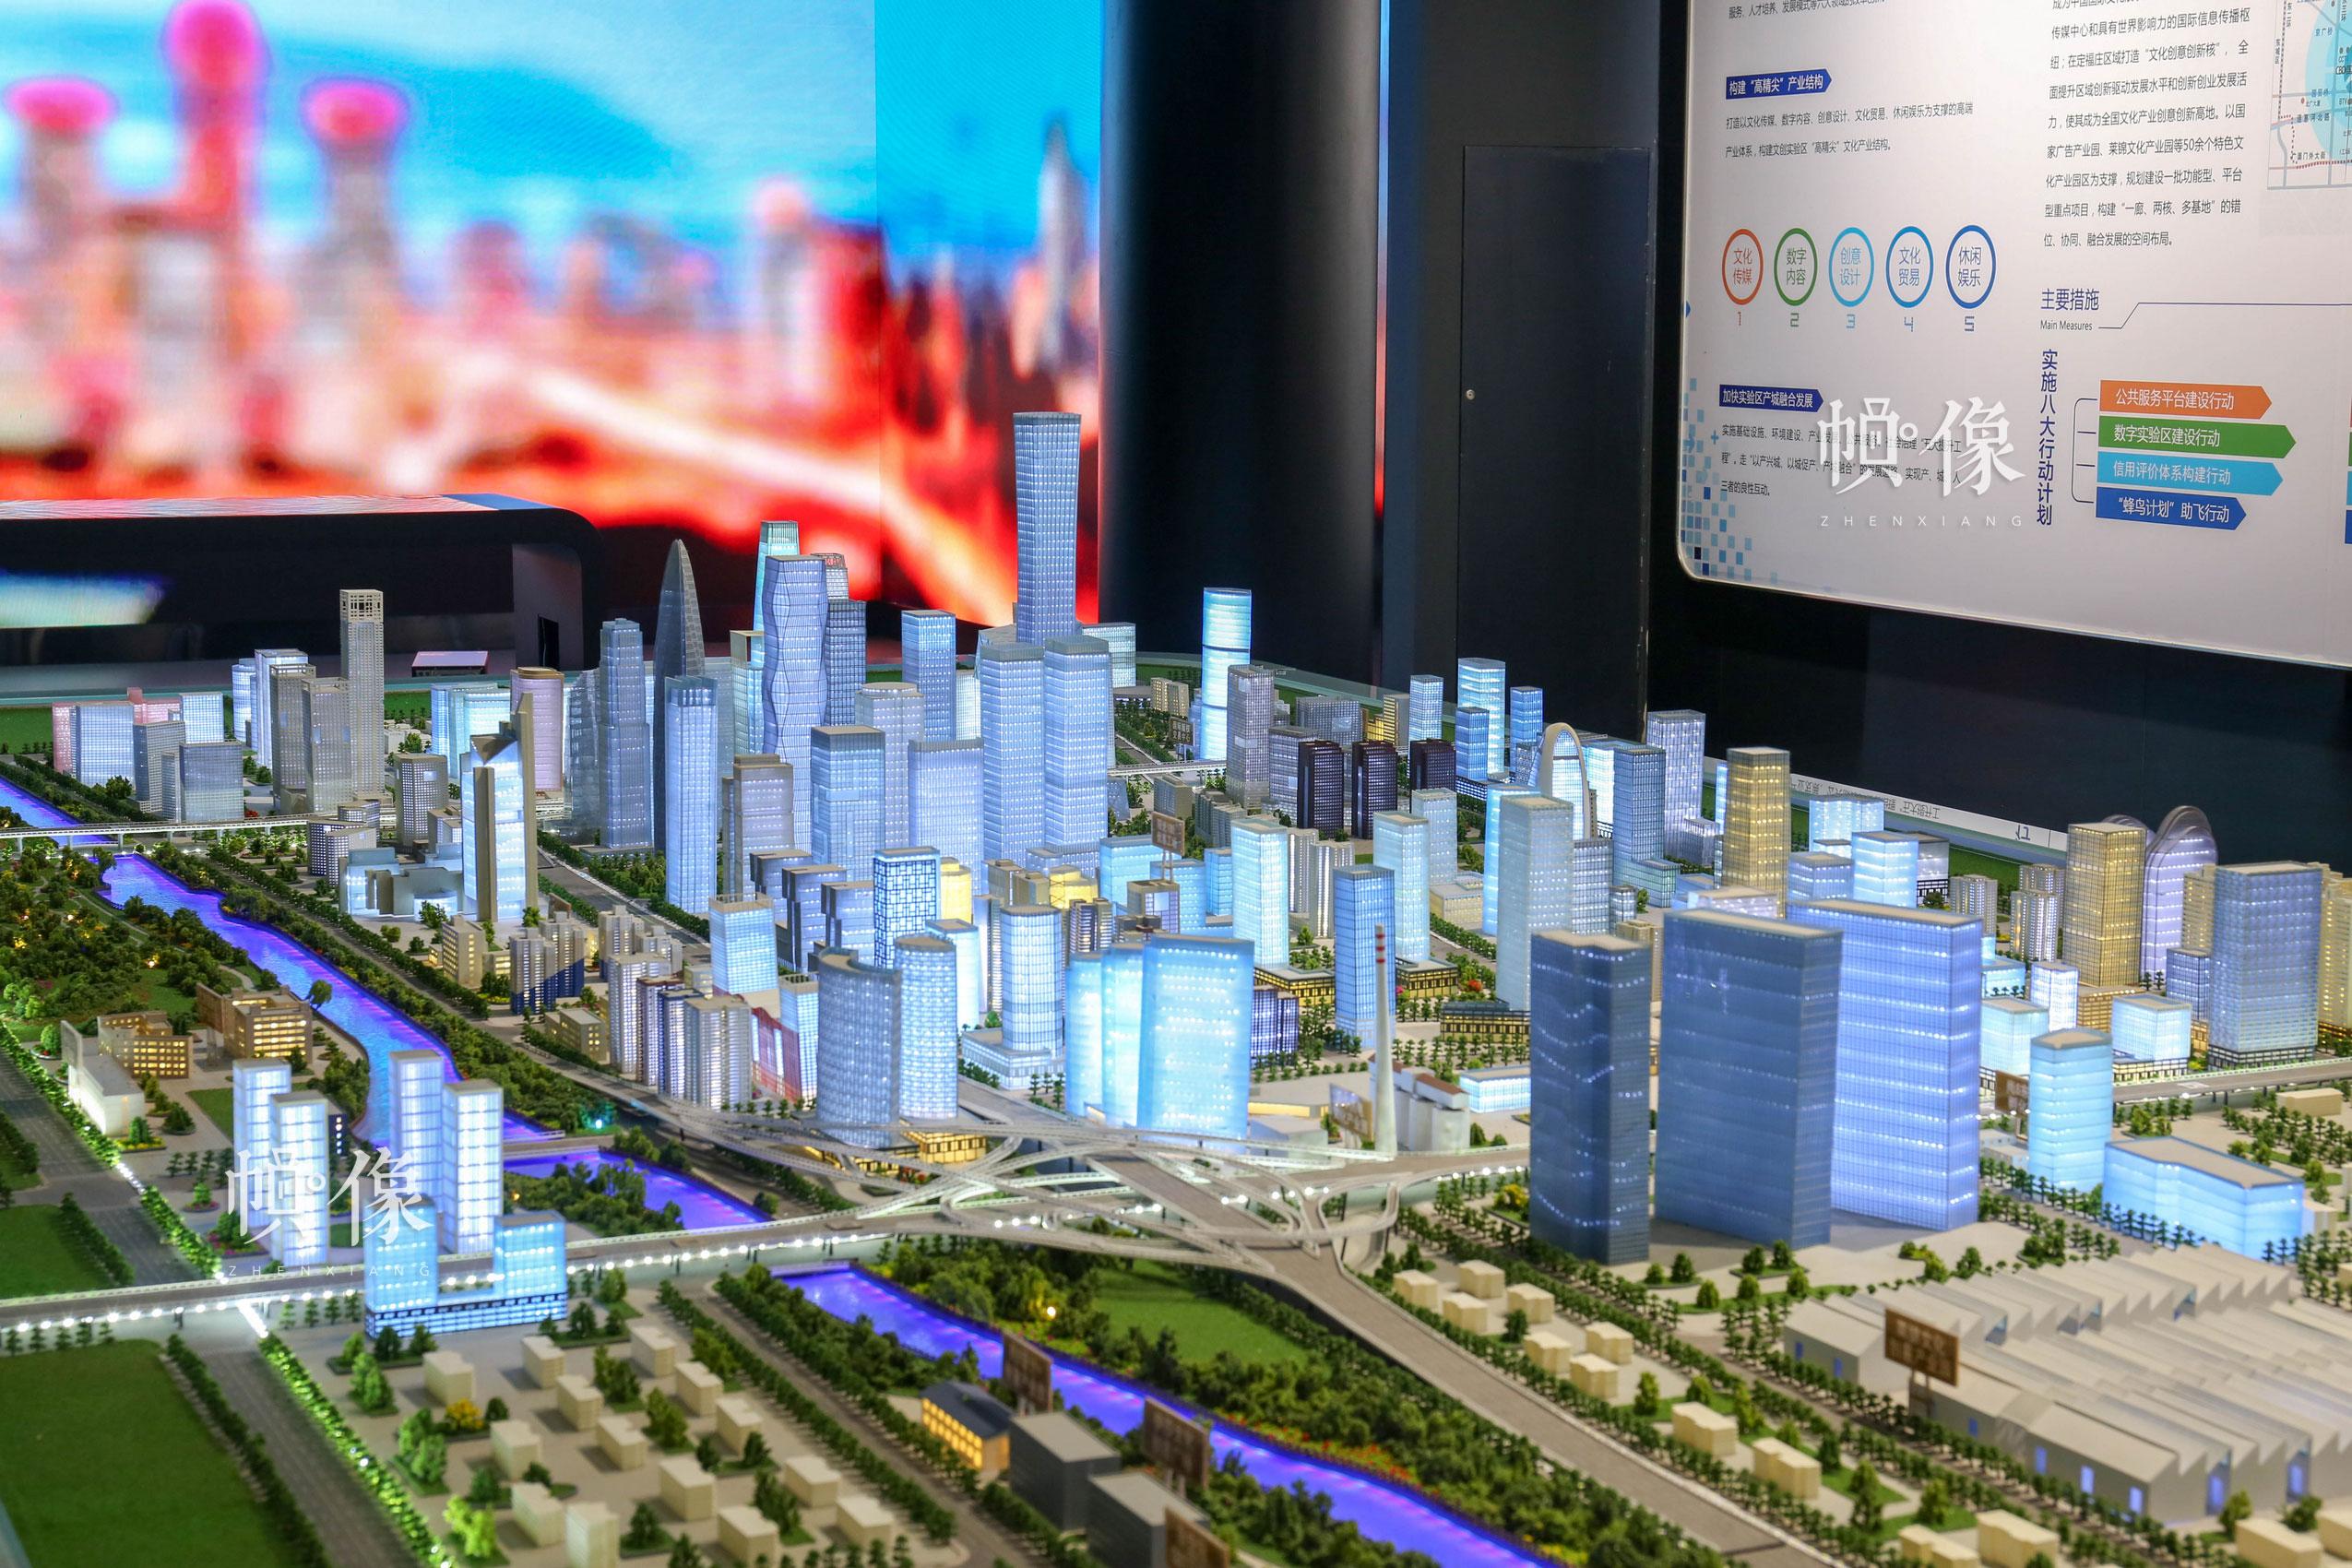 朝阳规划艺术馆未来空间展区展示朝阳区实景沙盘。中国网记者 赵超 摄